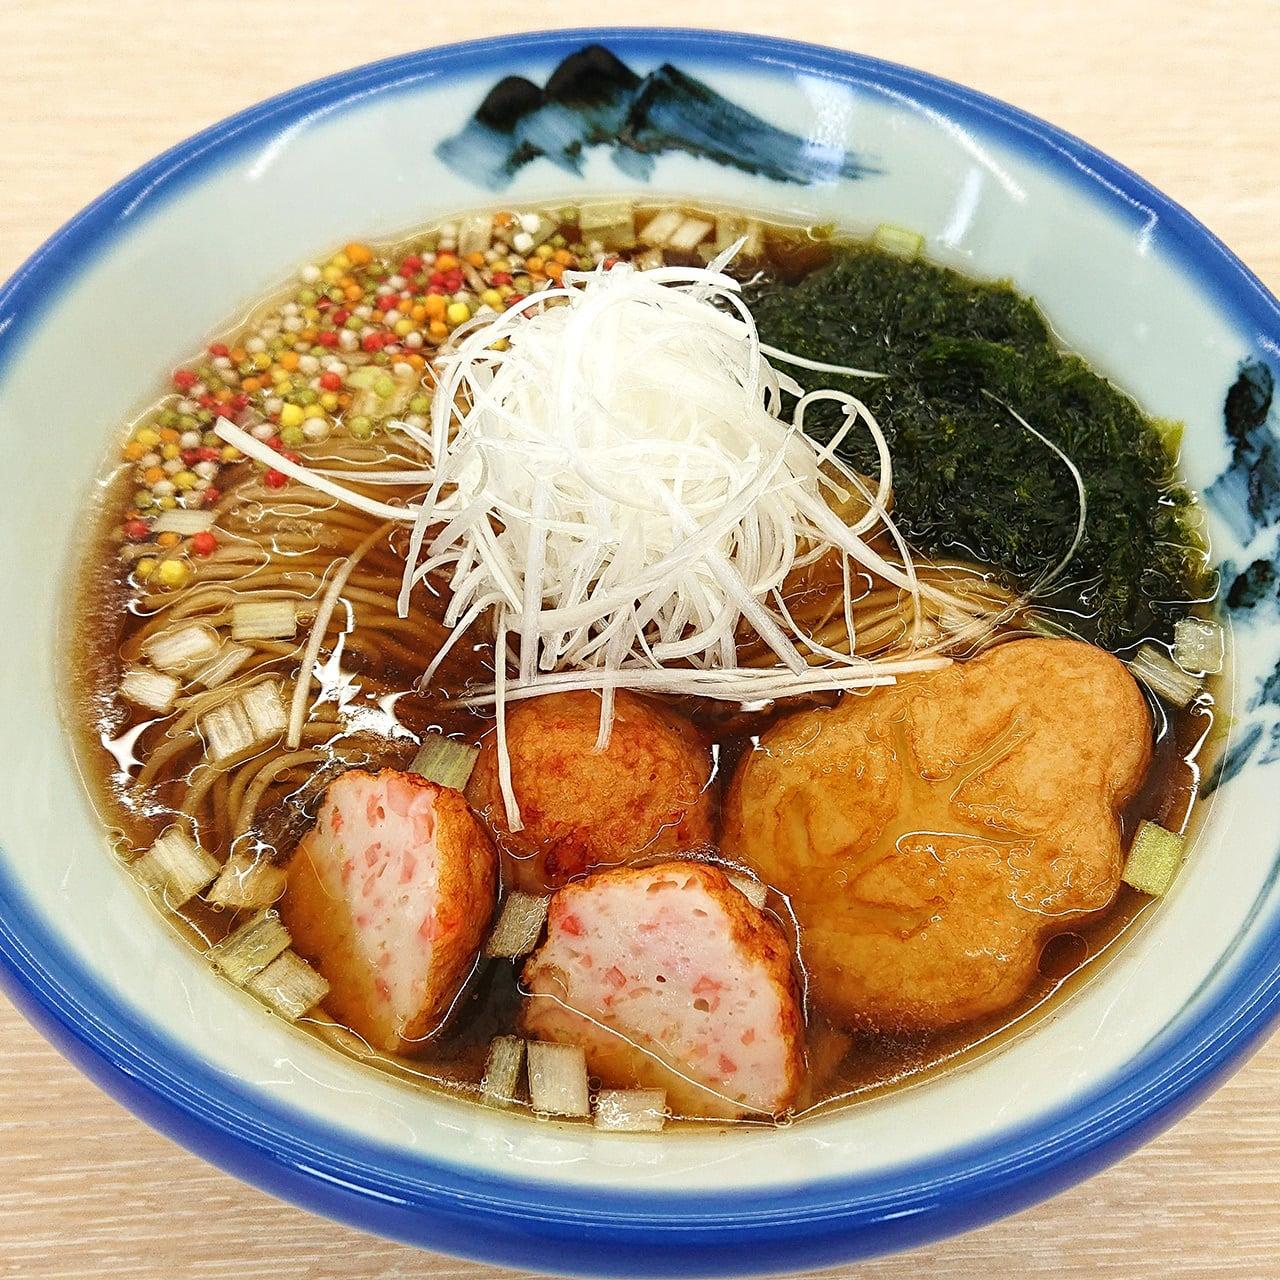 【醤油】鈴廣かまぼこ × AFURI 真鯛のあら炊きらーめん